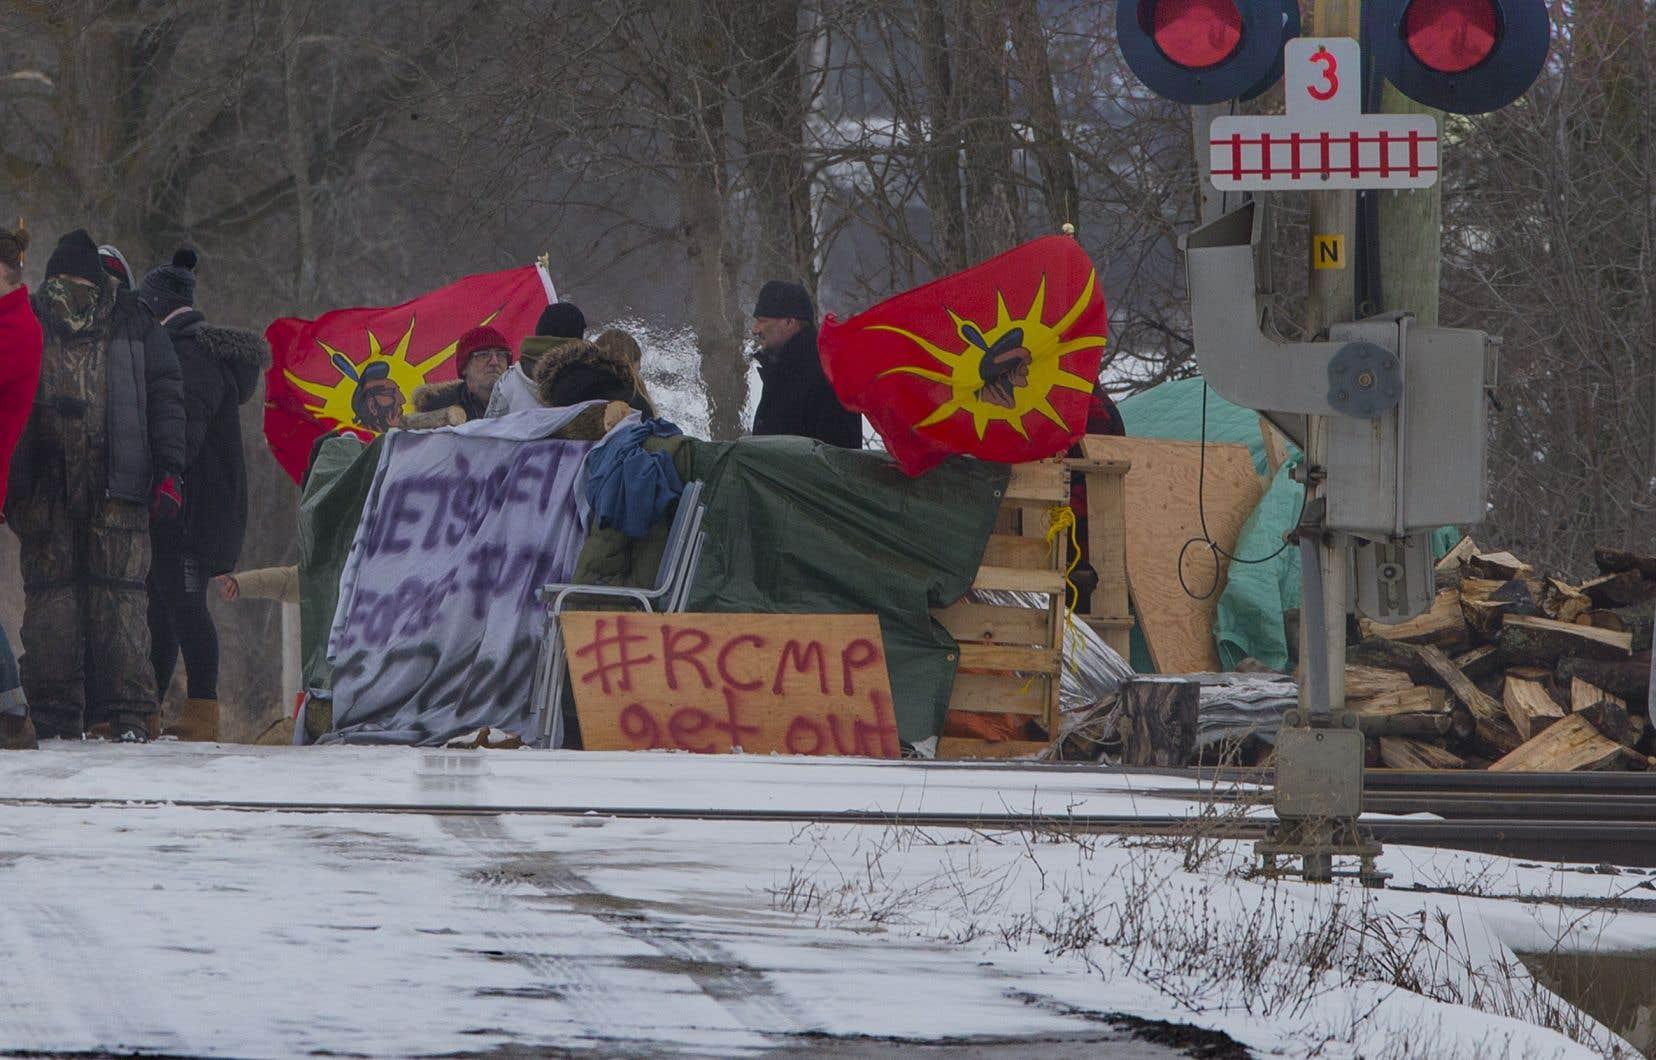 «On a l'impression que les Autochtones s'opposent aux Québécois et aux Canadiens et non aux compagnies et à l'État qui désirent encore une fois spolier leurs terres», soutient l'auteur.